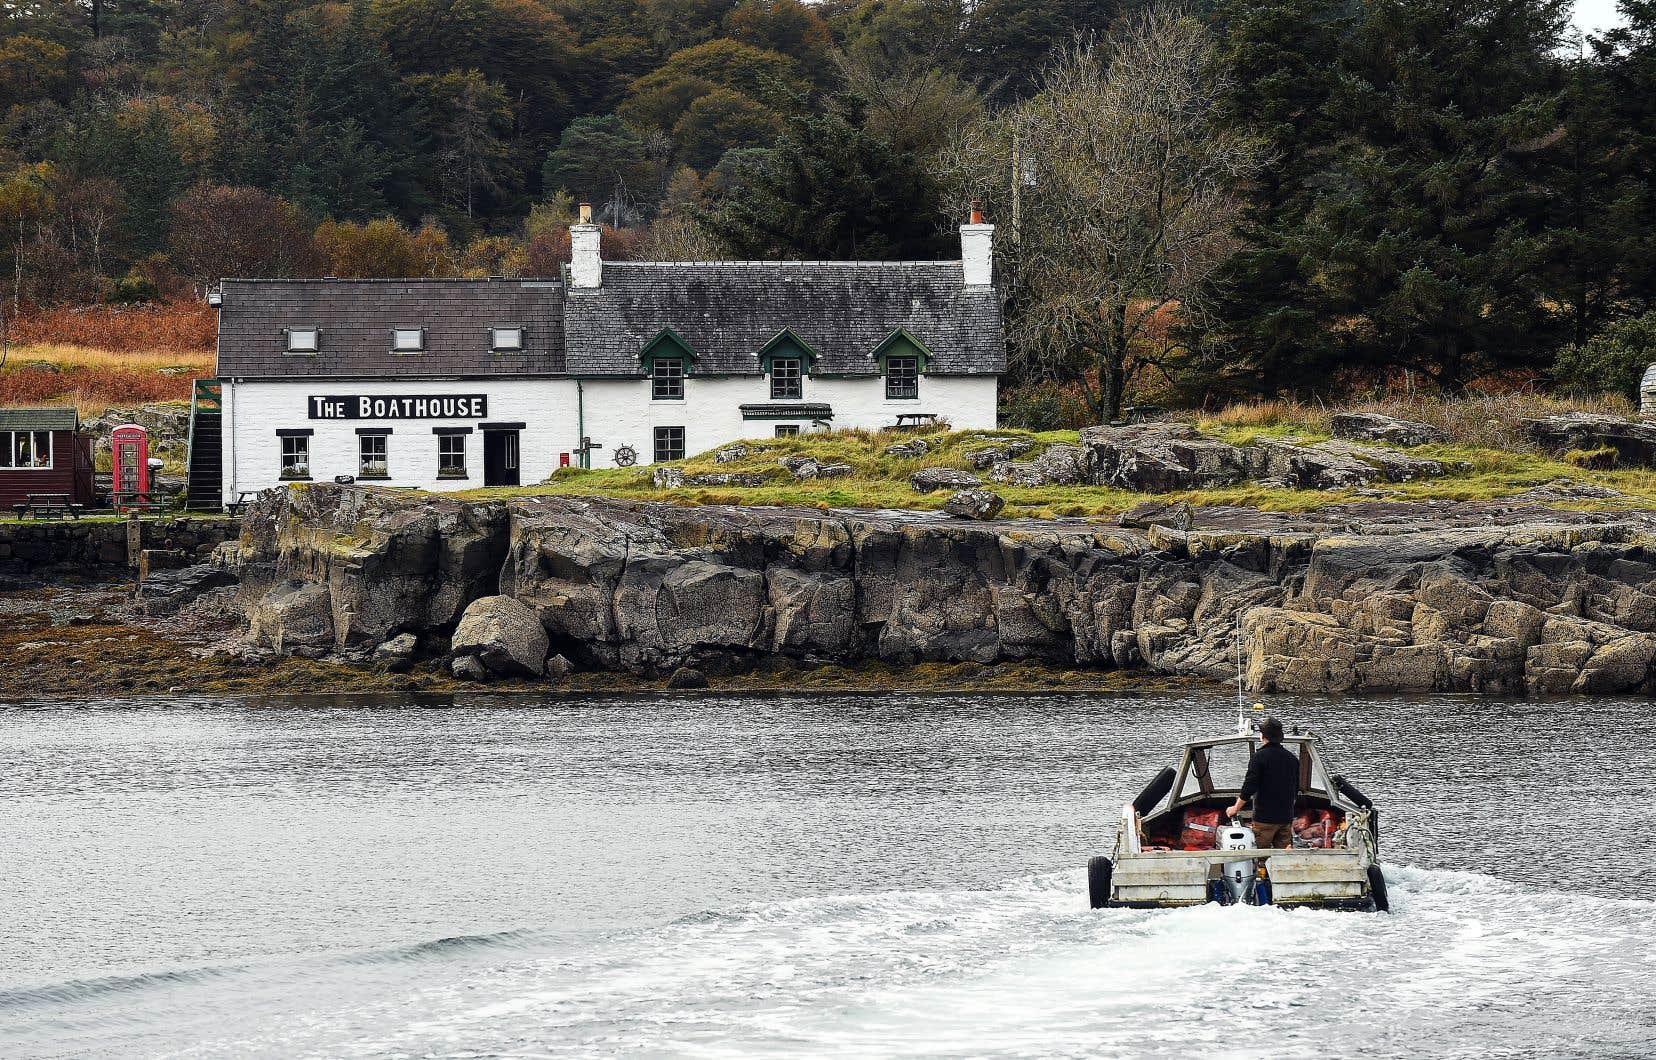 L'île, tapissée de plages immaculées, de collines luxuriantes et de côtes escarpées a été mise sur le marché cette année après avoir été la propriété d'une famille aristocratique pendant des décennies.